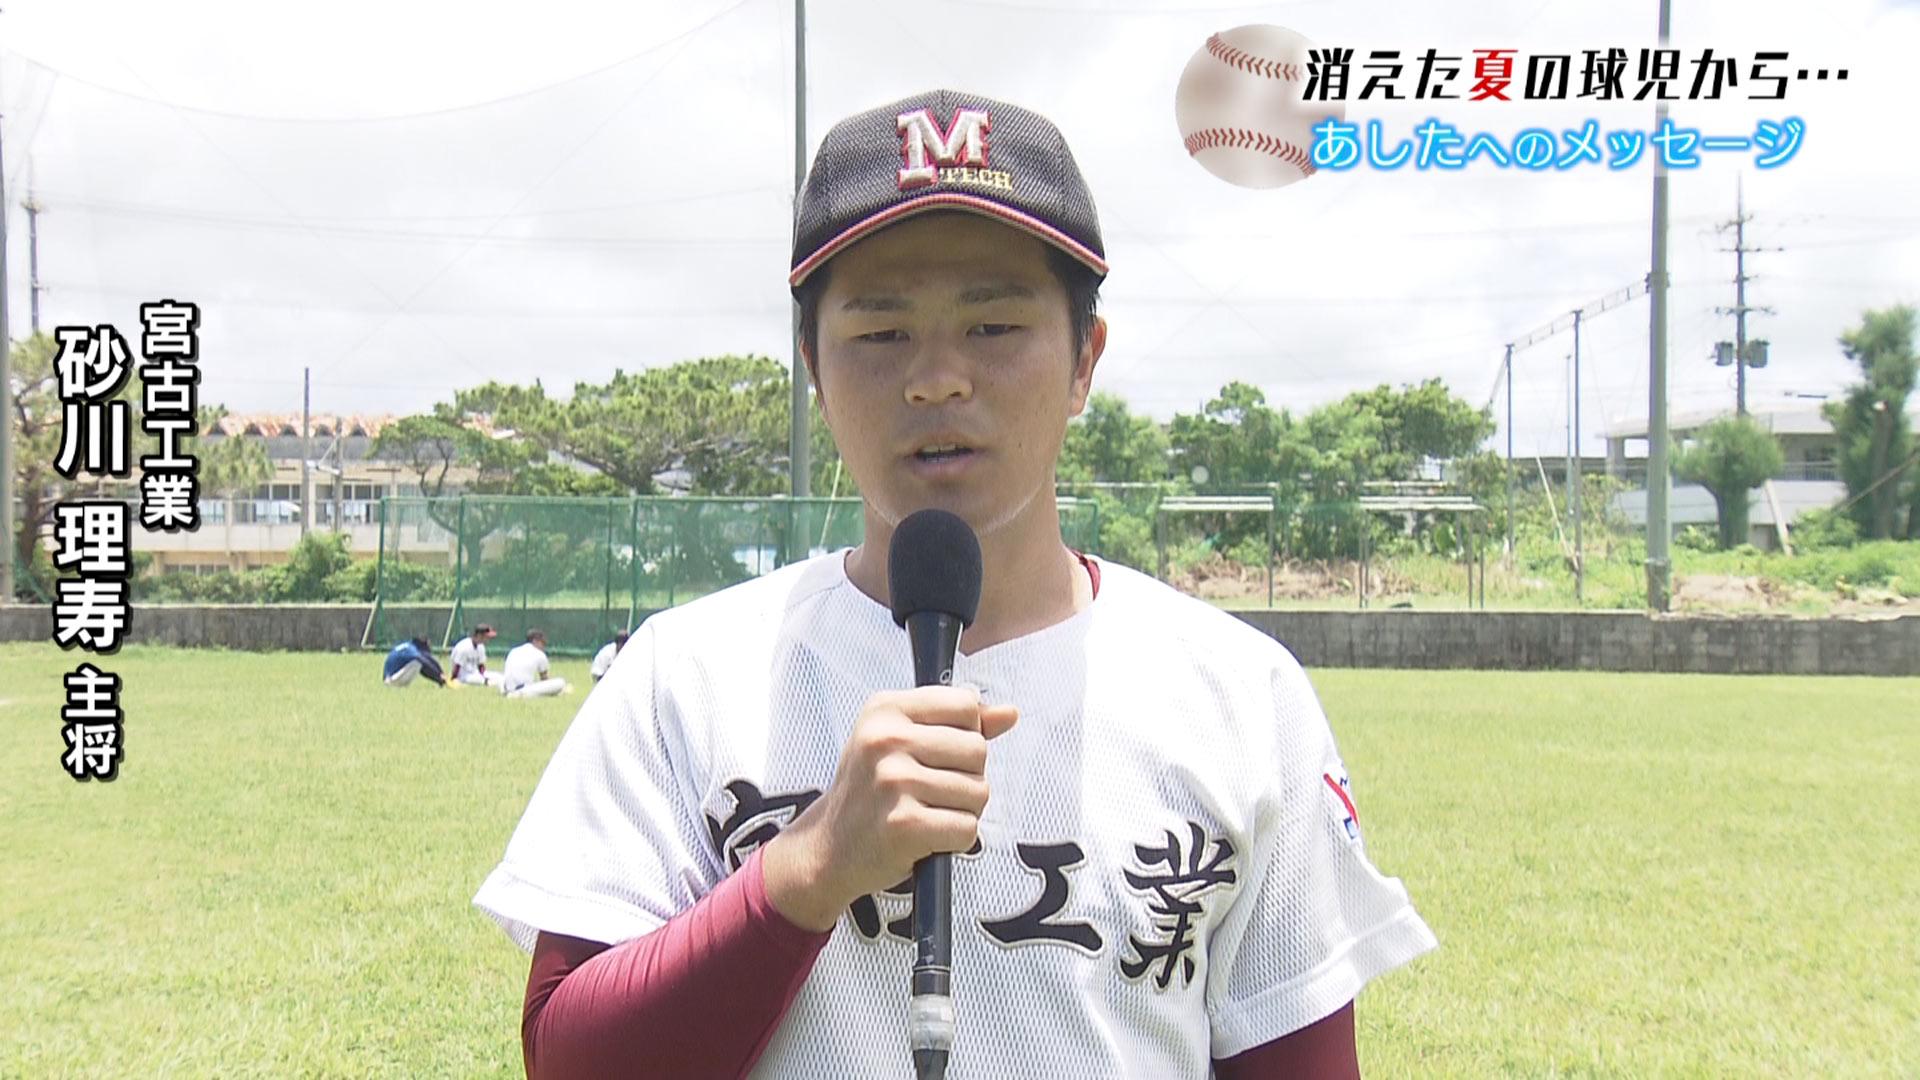 宮古工業・宮古総実 連合チーム